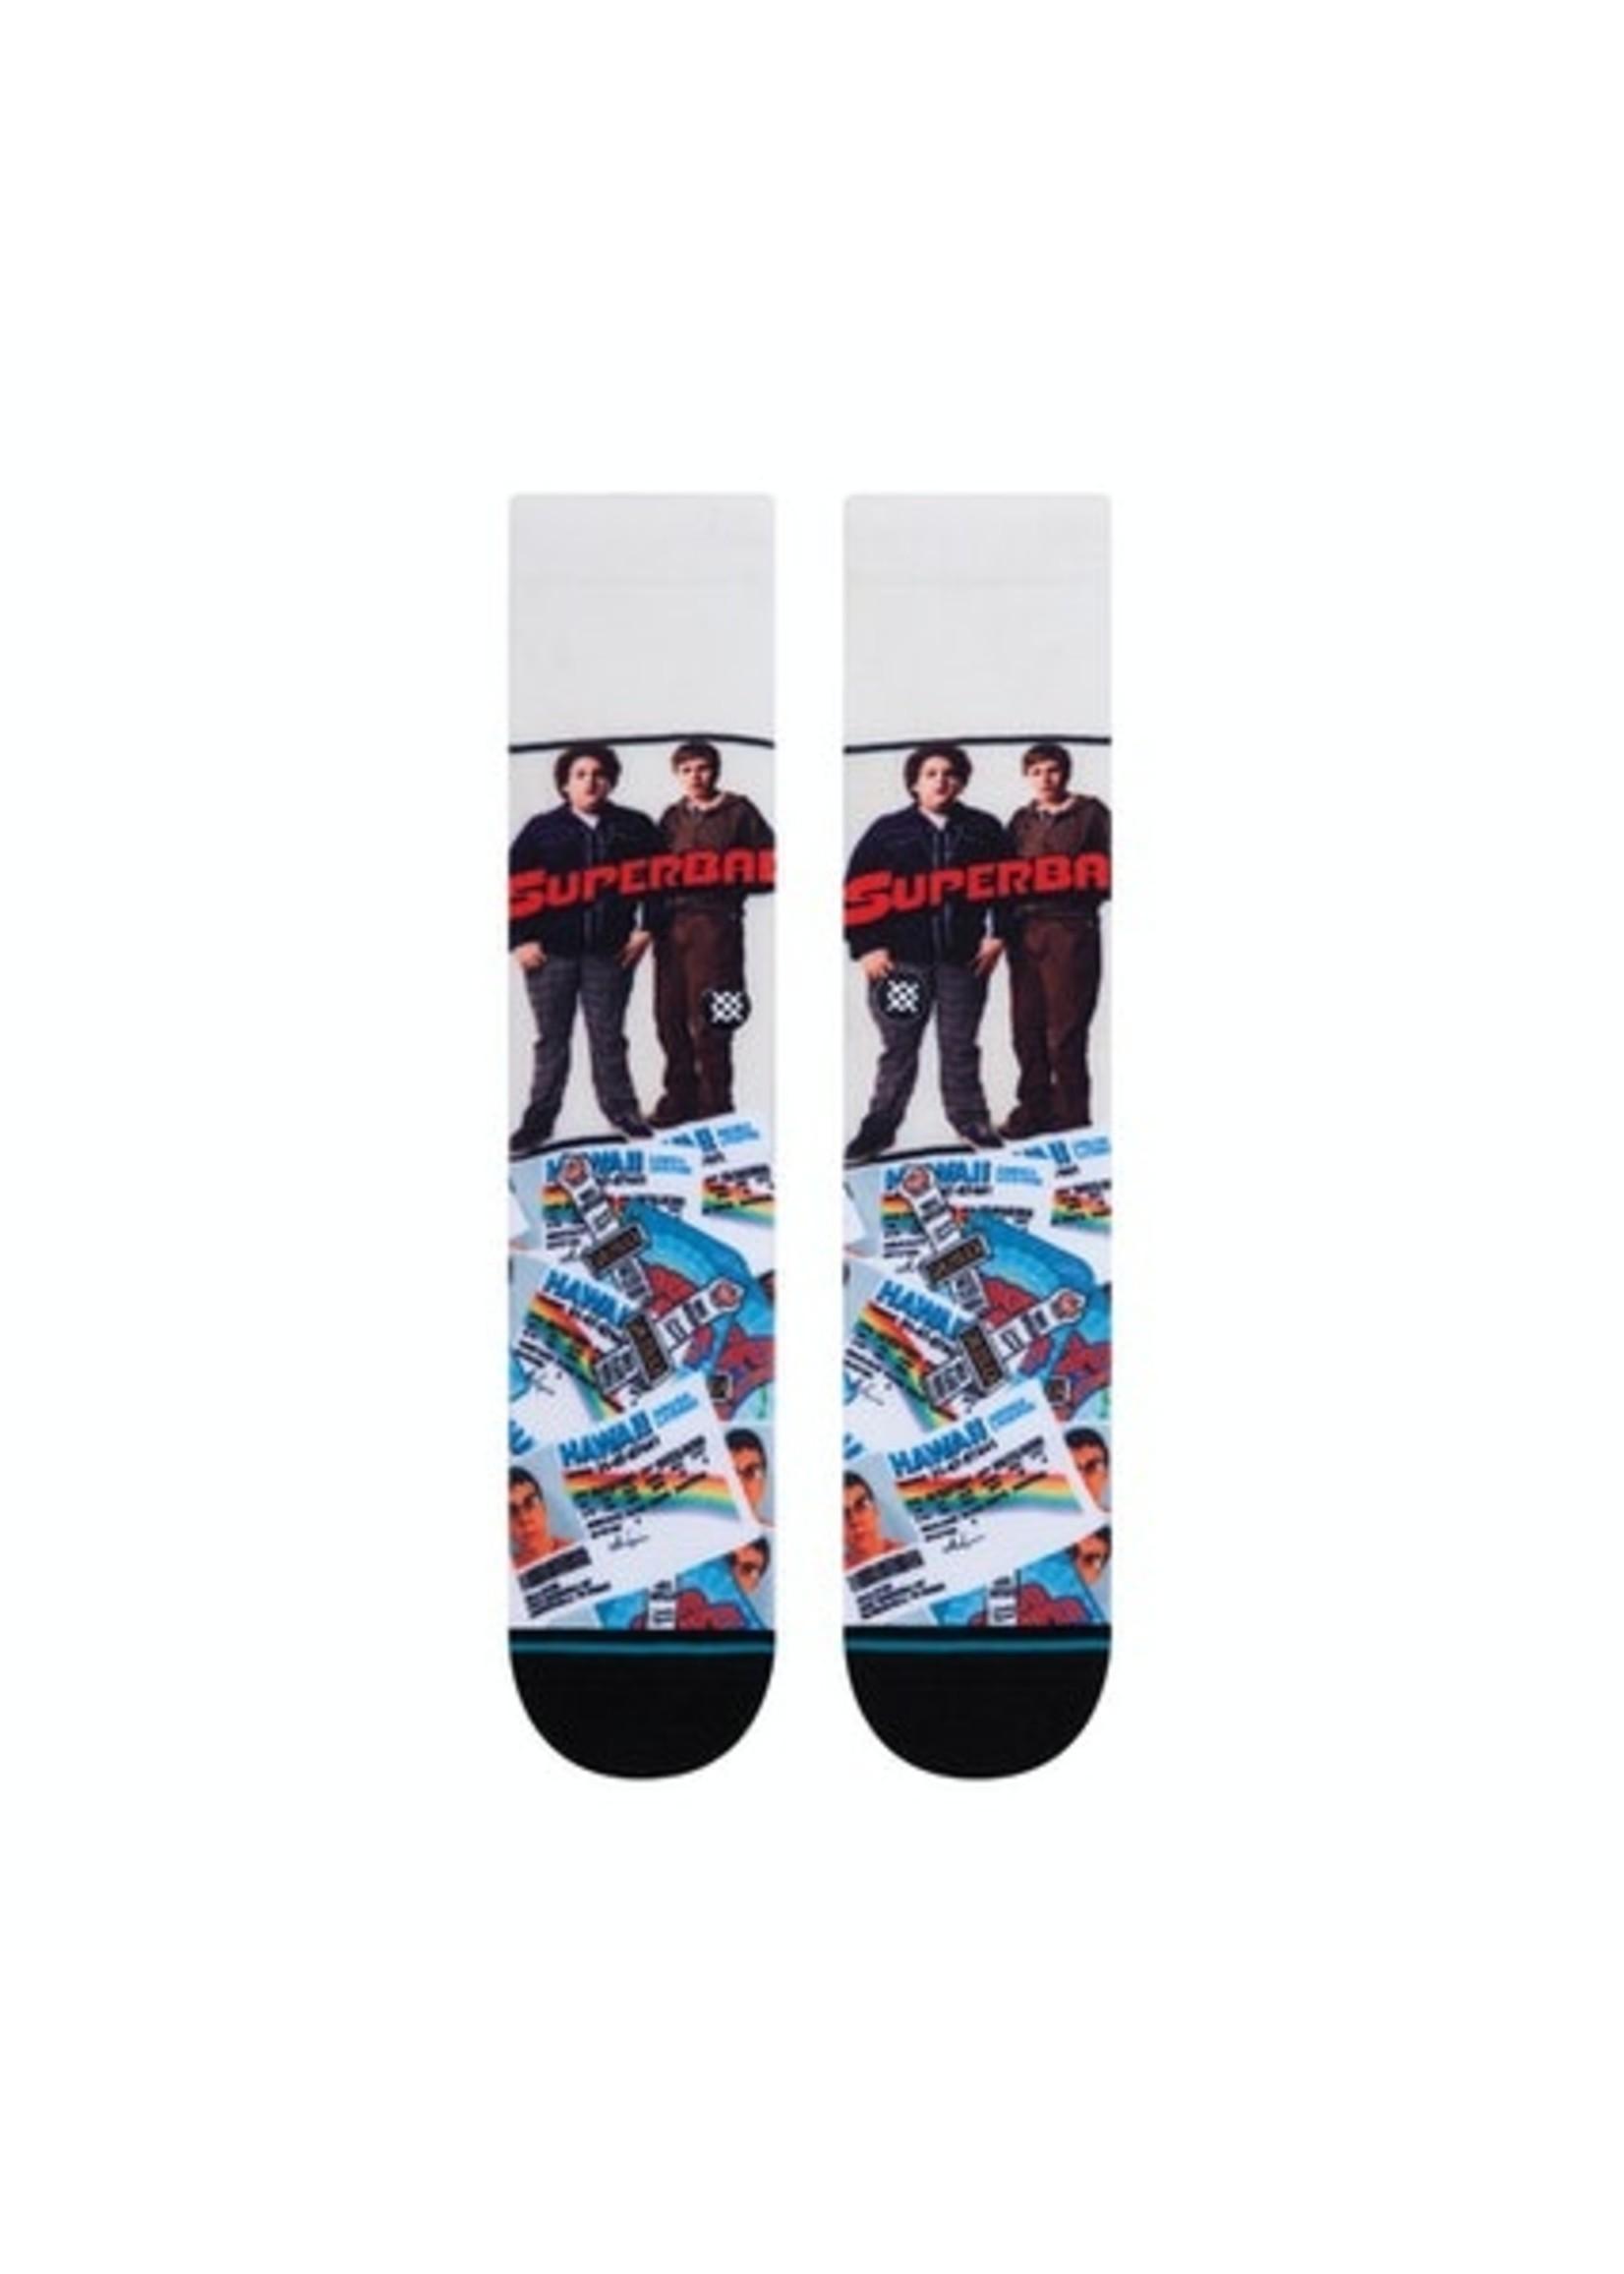 Stance Socks Life Suba Superbad